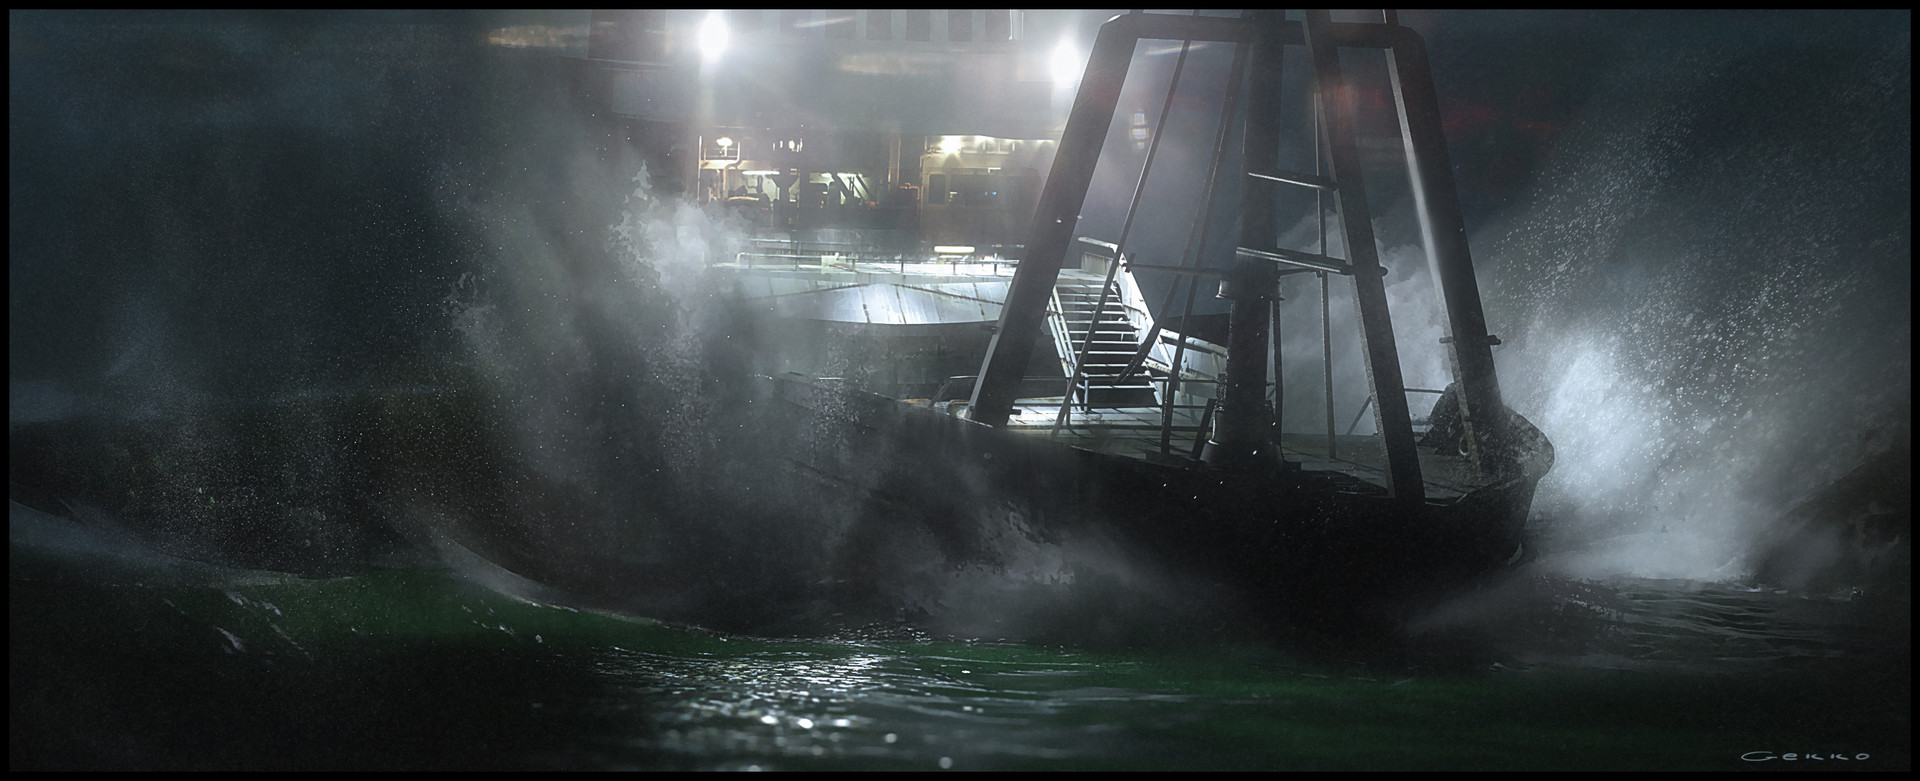 Nicolas gekko the abyss 21